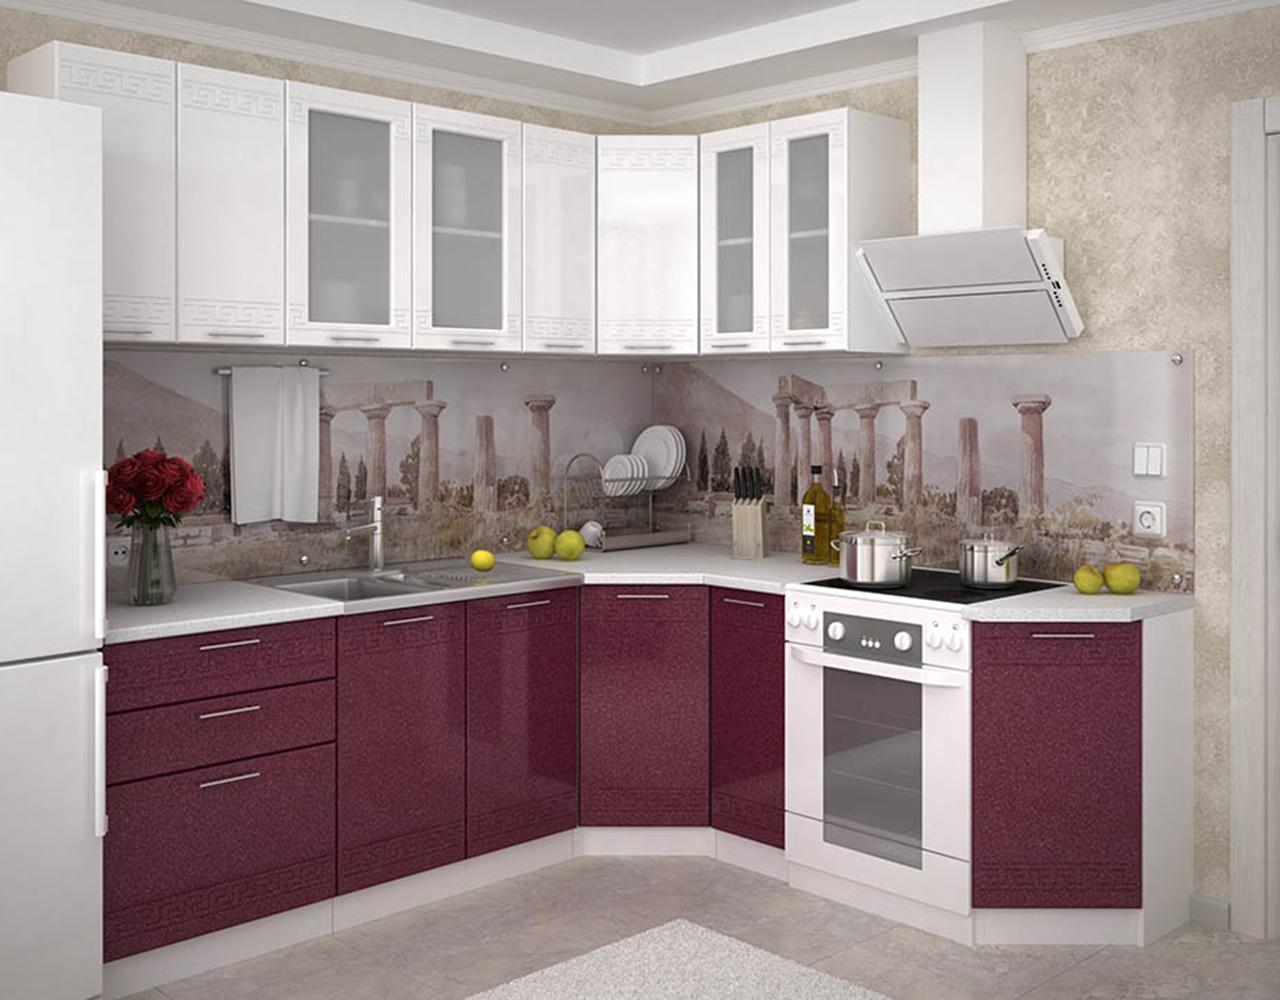 сруба дизайна кухни минск фото риелторы